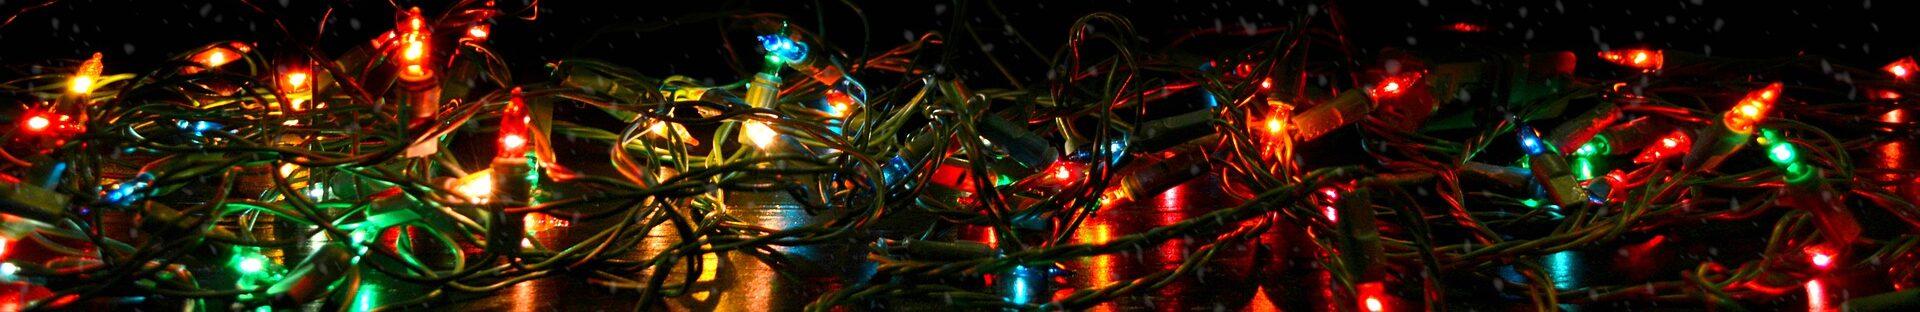 HHB Wrap up 2020 Holiday Lights qstra.com